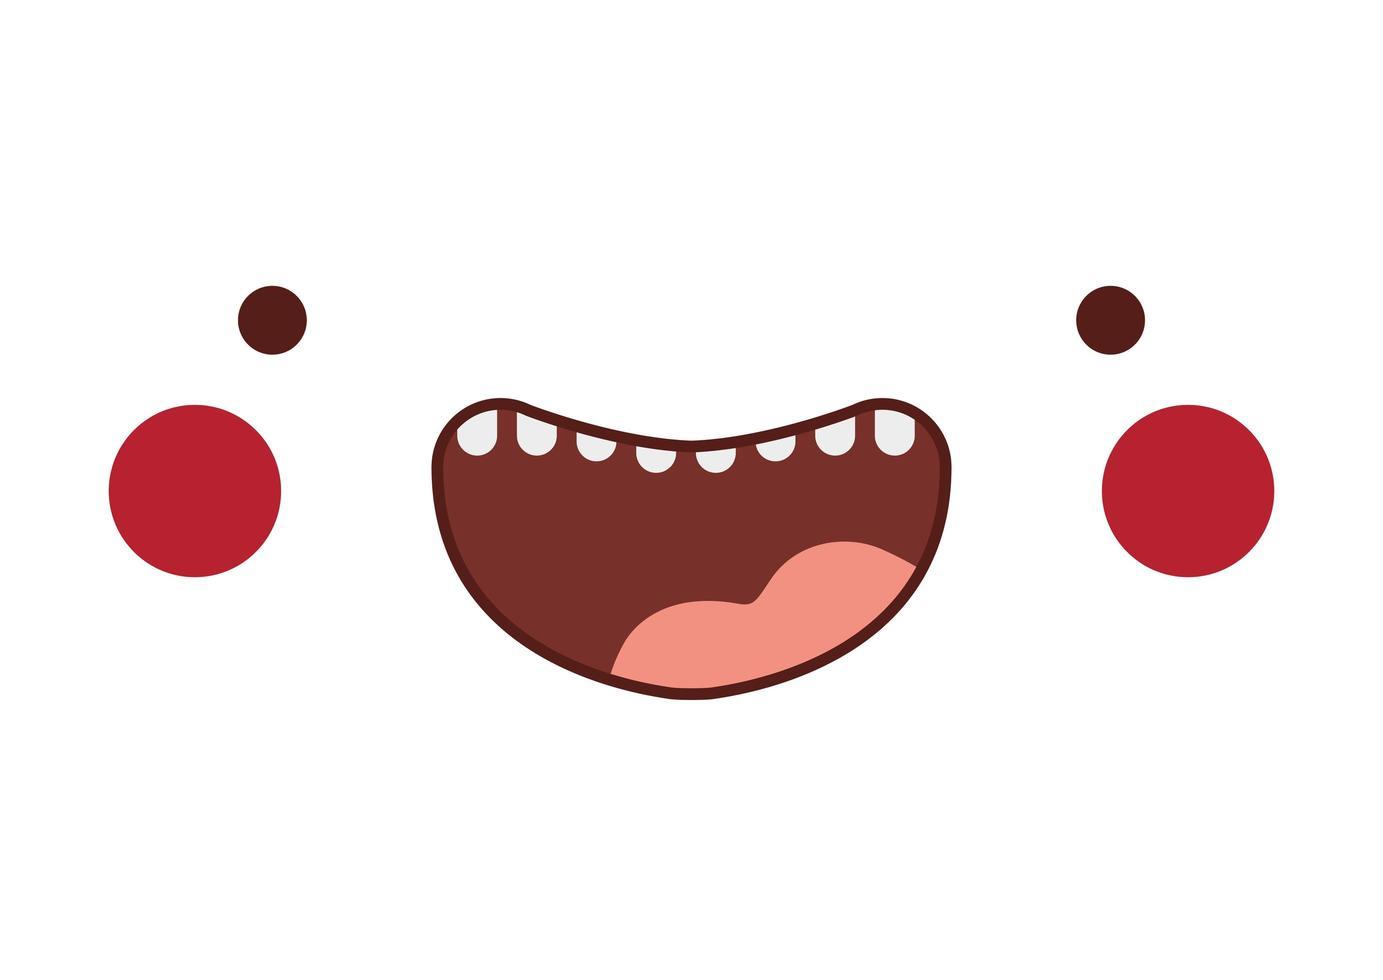 glückliches kawaii Karikaturgesicht mit Wangenentwurf vektor